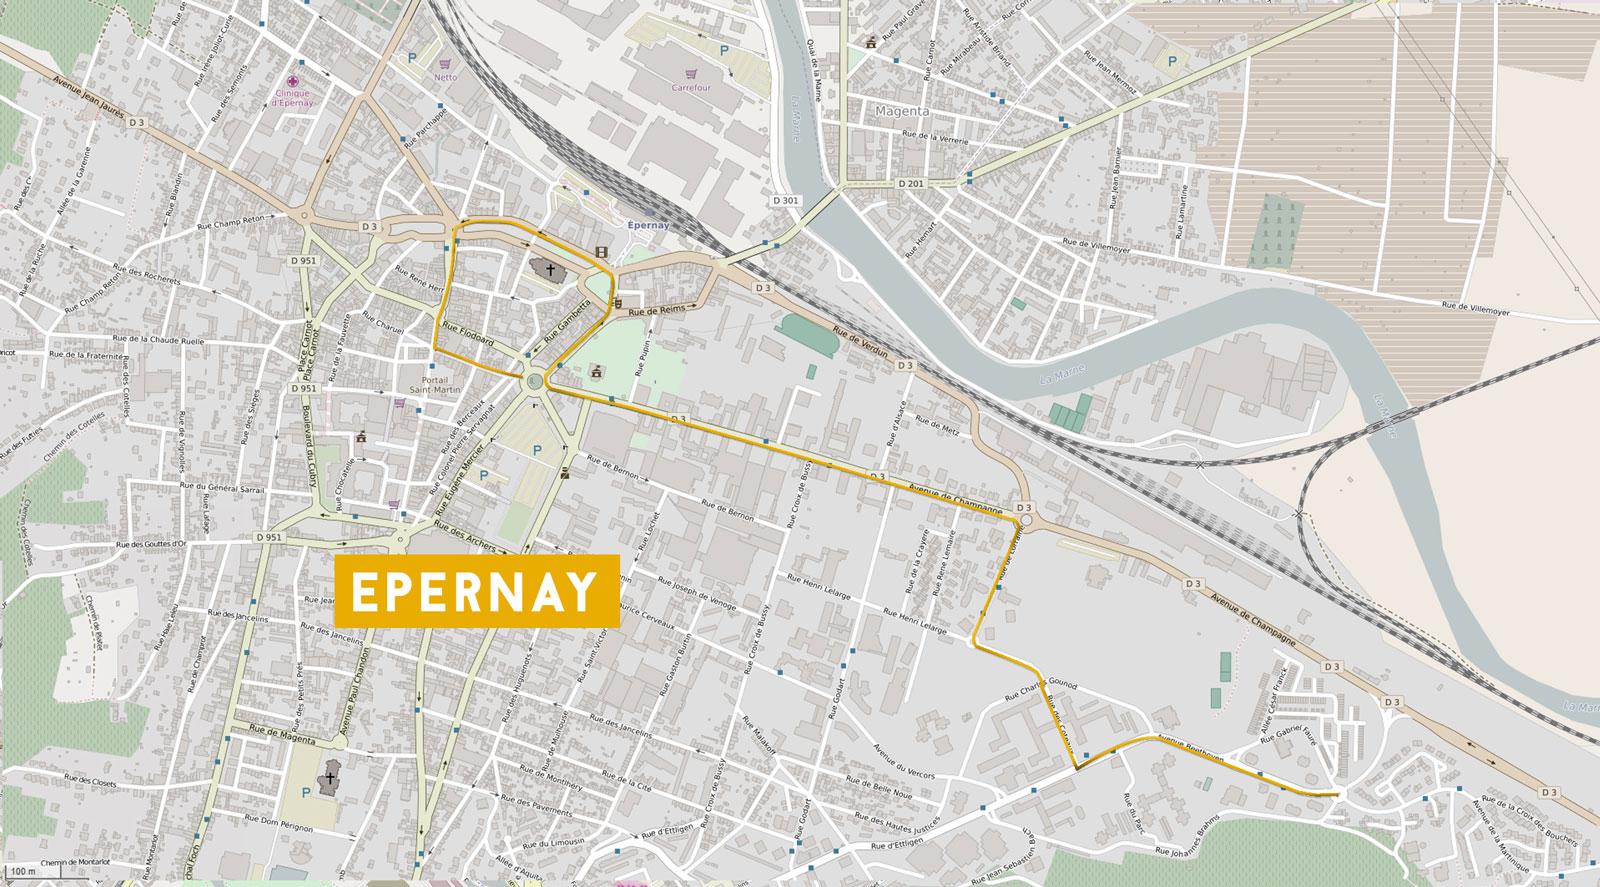 plan de la capagne de street marketing réalisée par l'agence de comminication Talacom à charleville Mézières